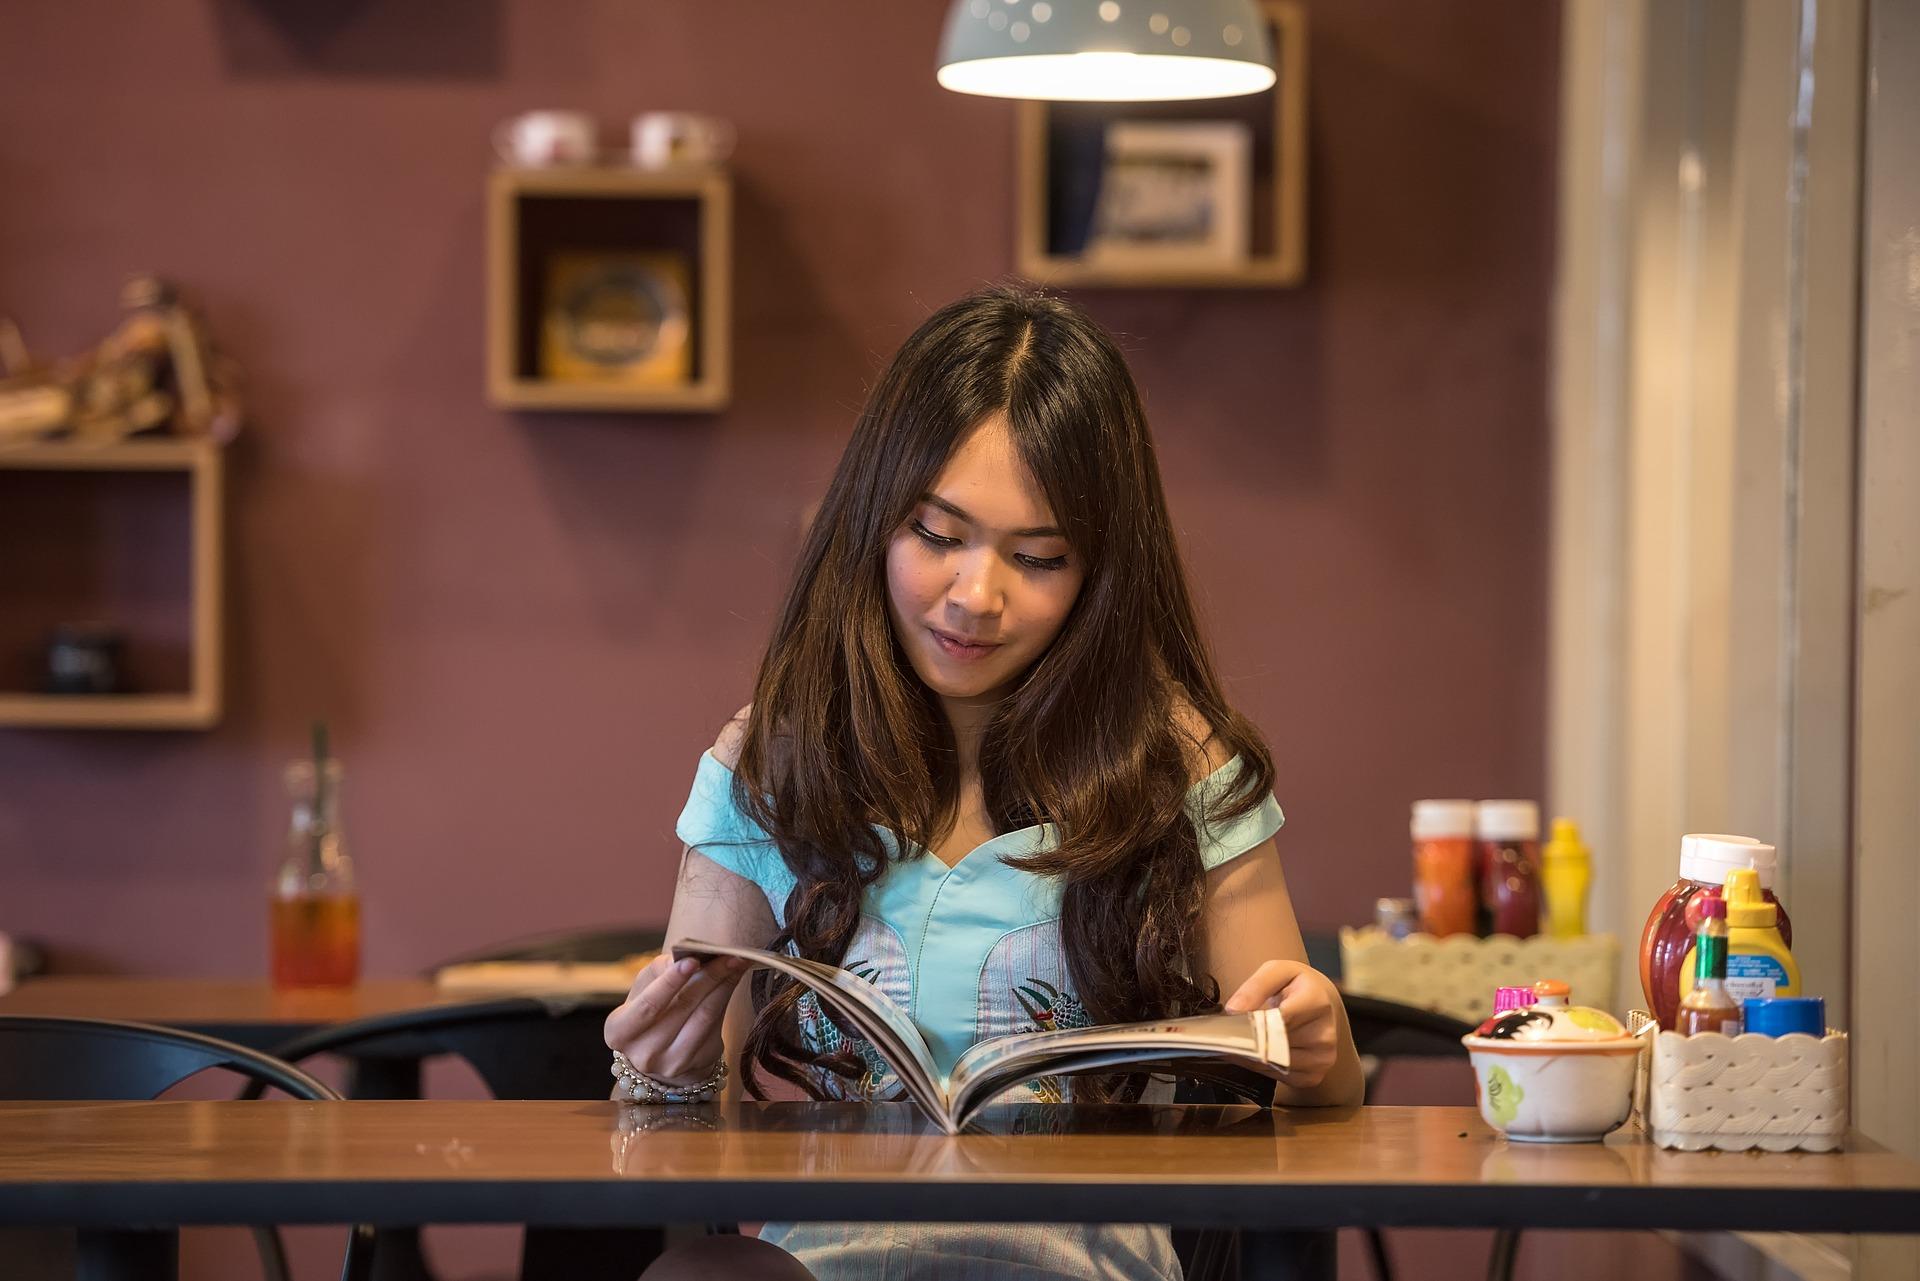 Иностранные студенты. Обновленные инструкции от IRCC